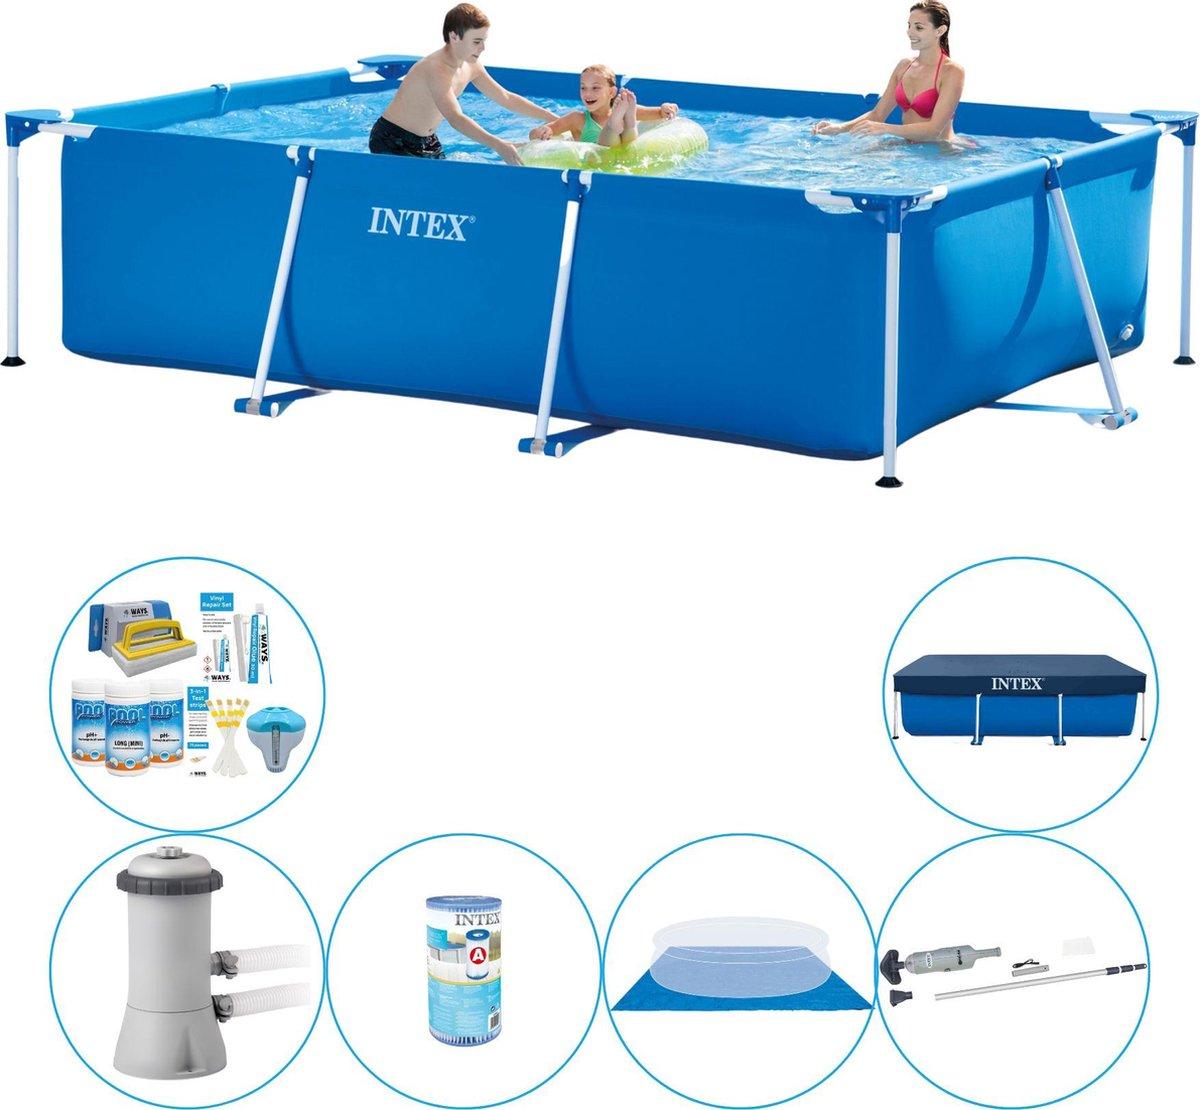 Intex Rechthoekig Zwembad - 300 x 200 x 75 cm - Compleet pakket